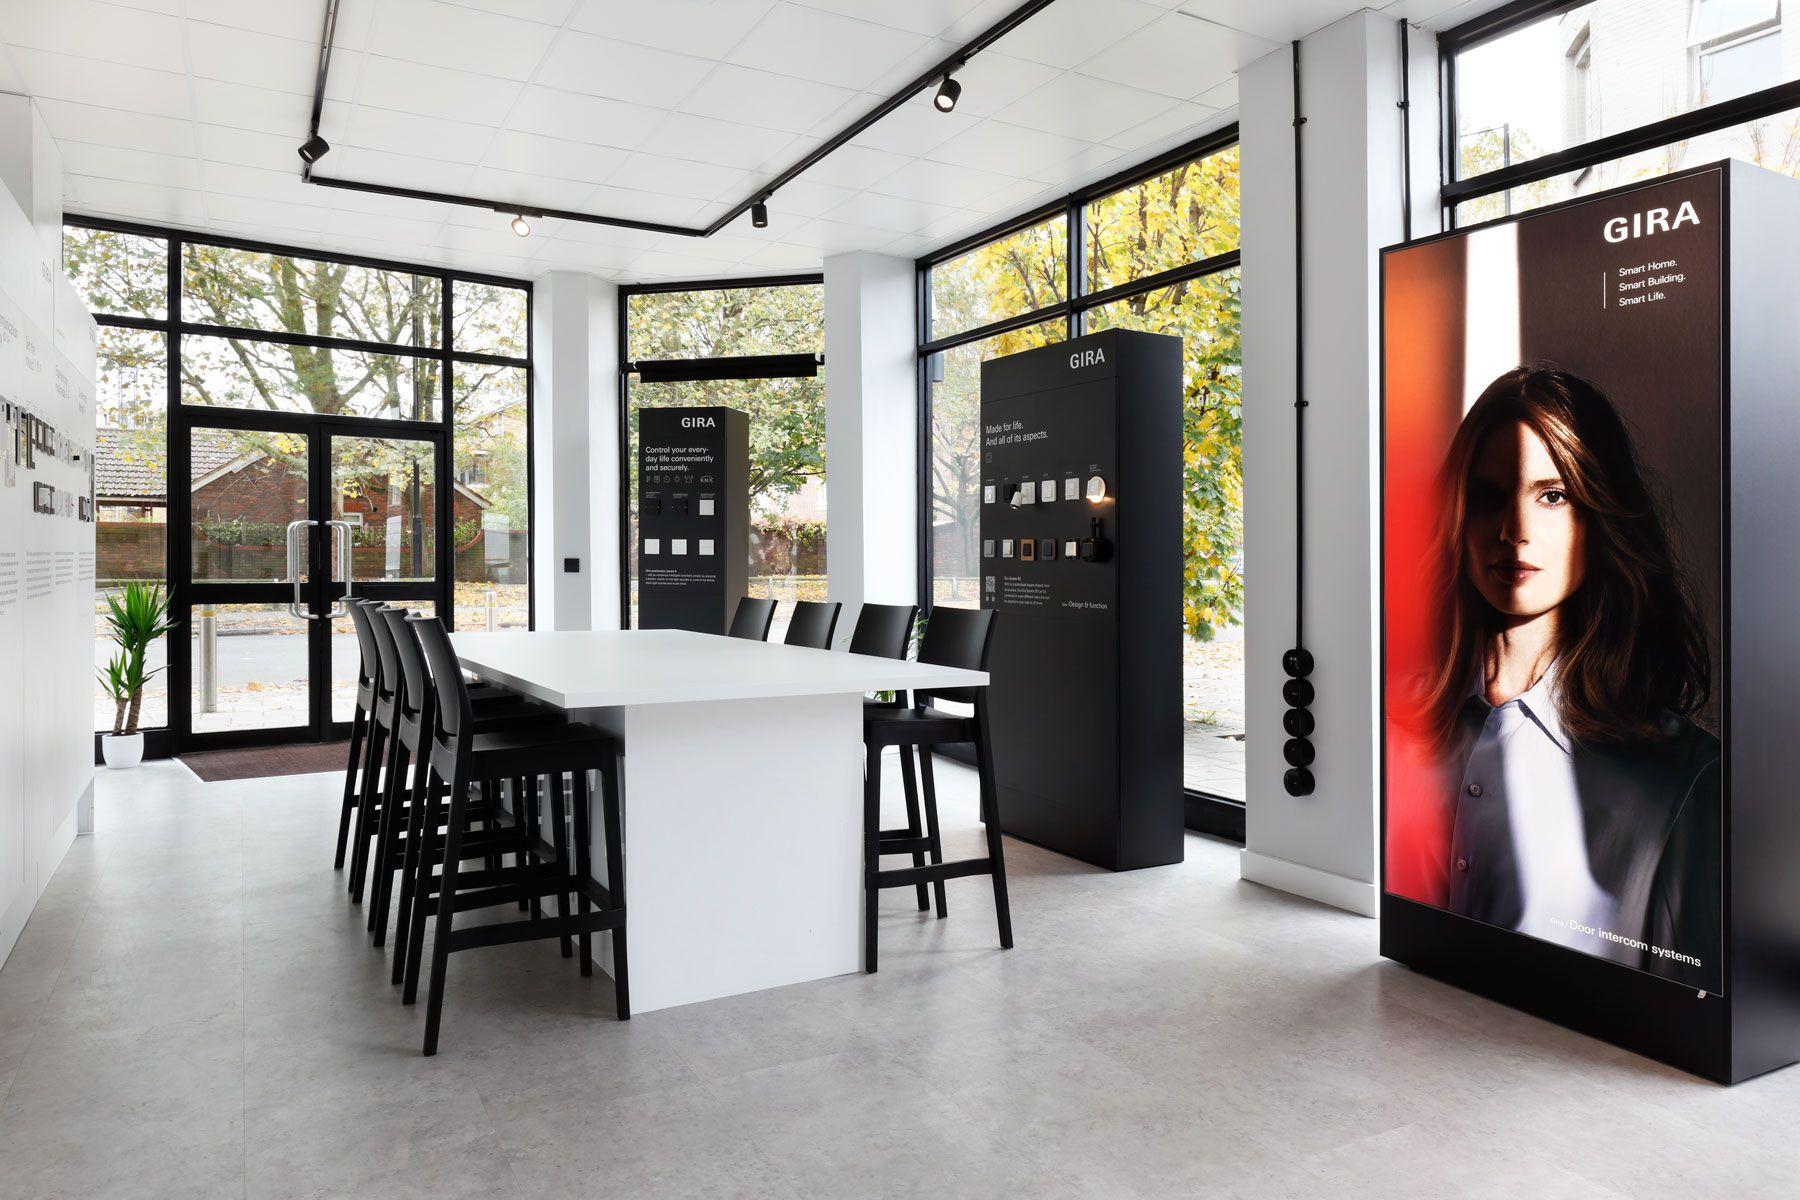 Gira INTALITE showroom UK